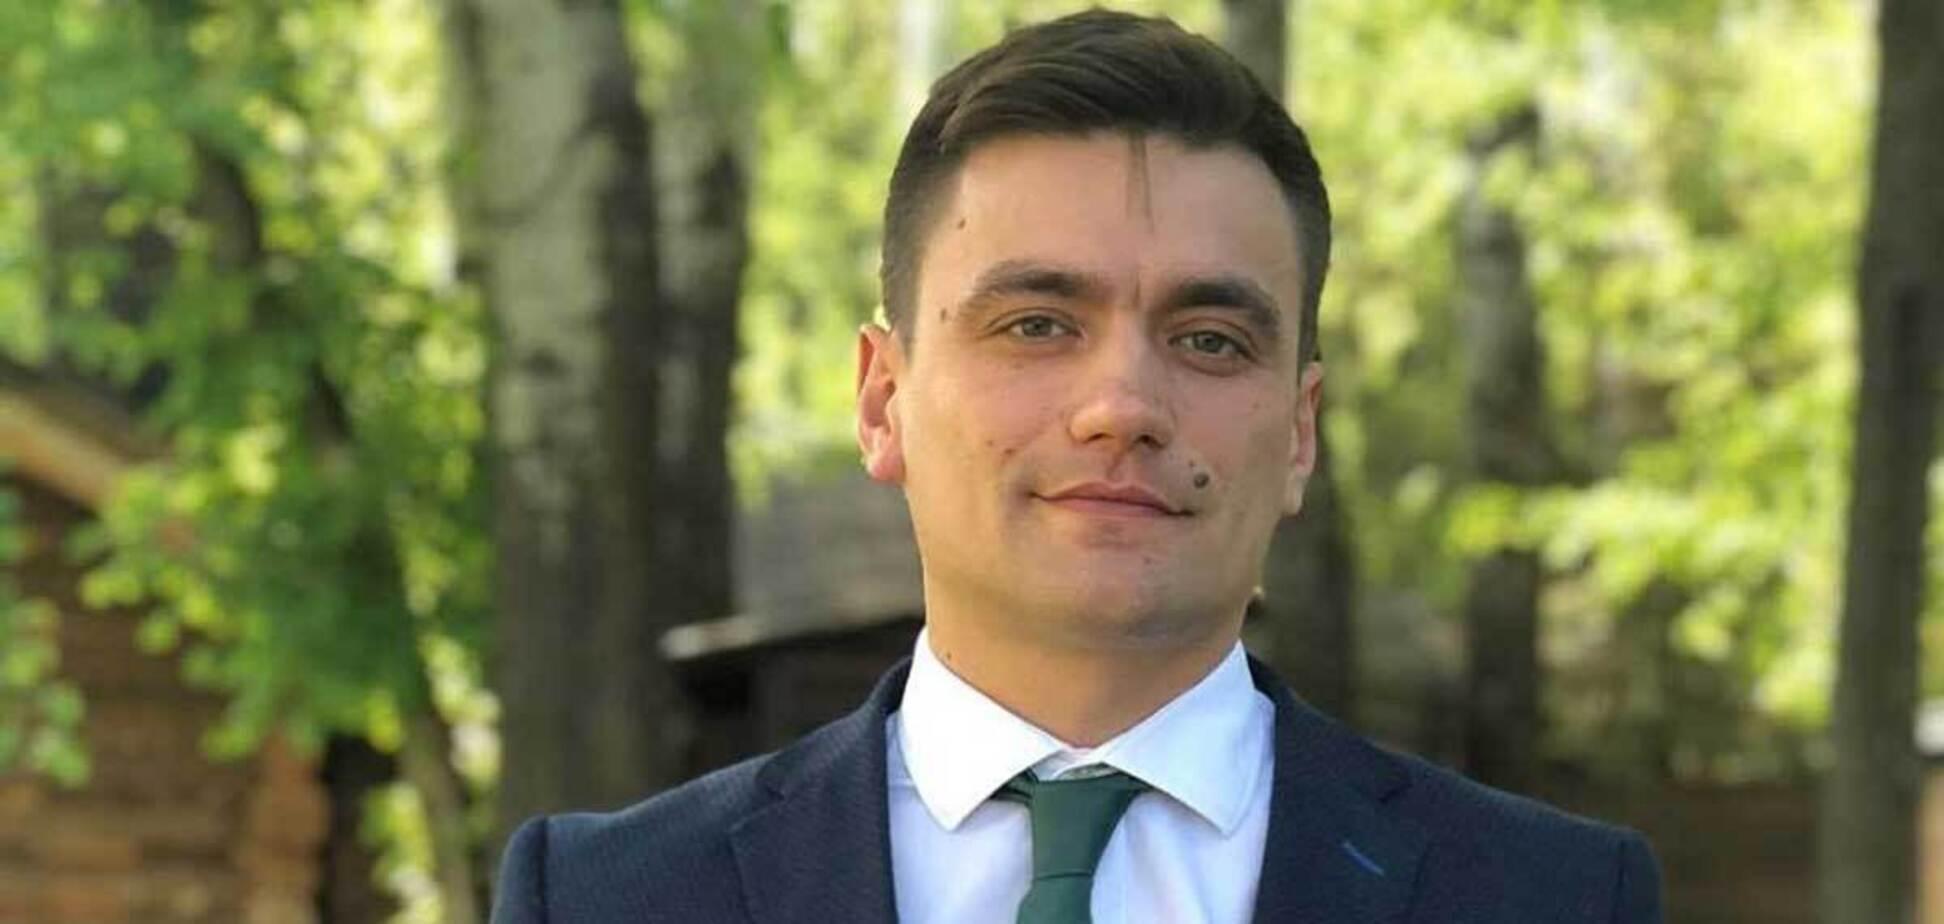 Джамал Стаценко снял клип о том, что баллотируется в депутаты